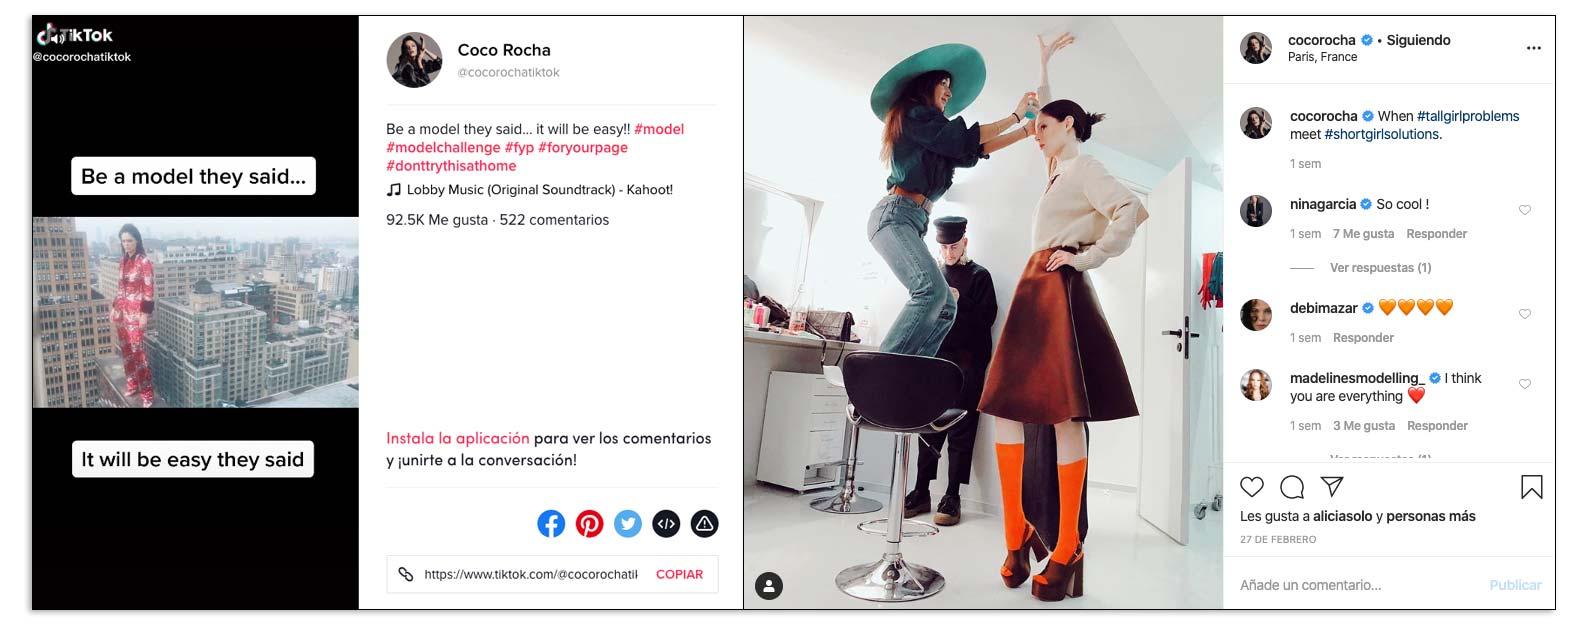 Perfil de Coco Rocha en varias redes sociales